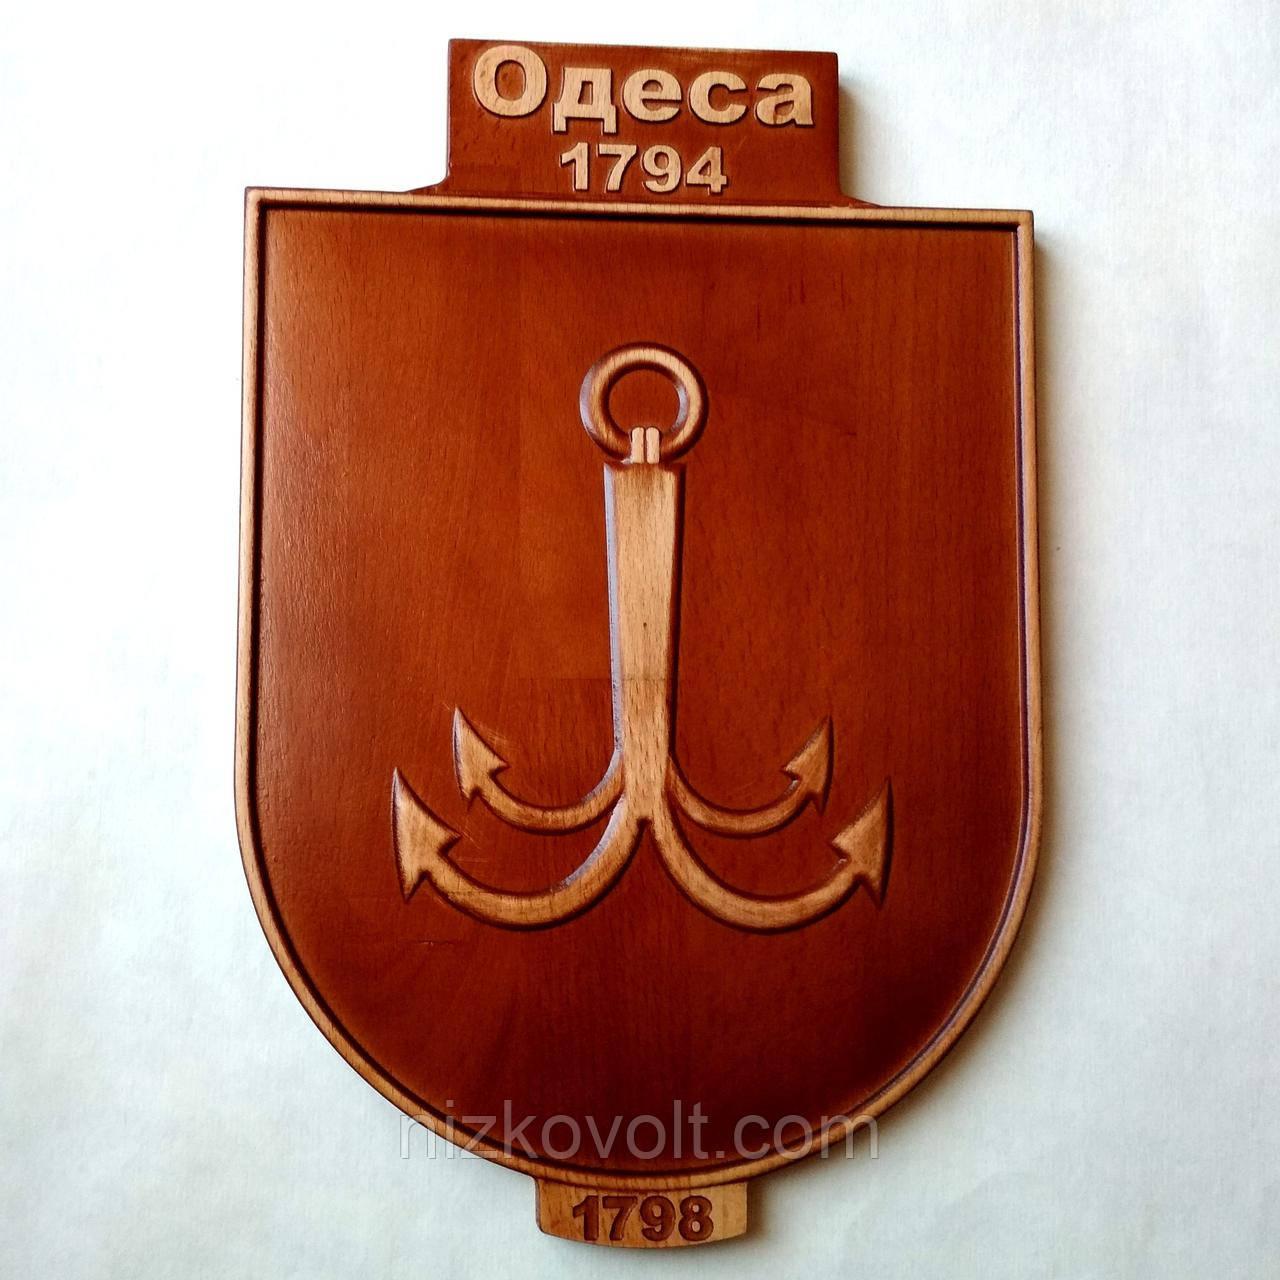 Різьблений герб Одеси 200х300х18 мм - різьблена символіка, герби з дерева